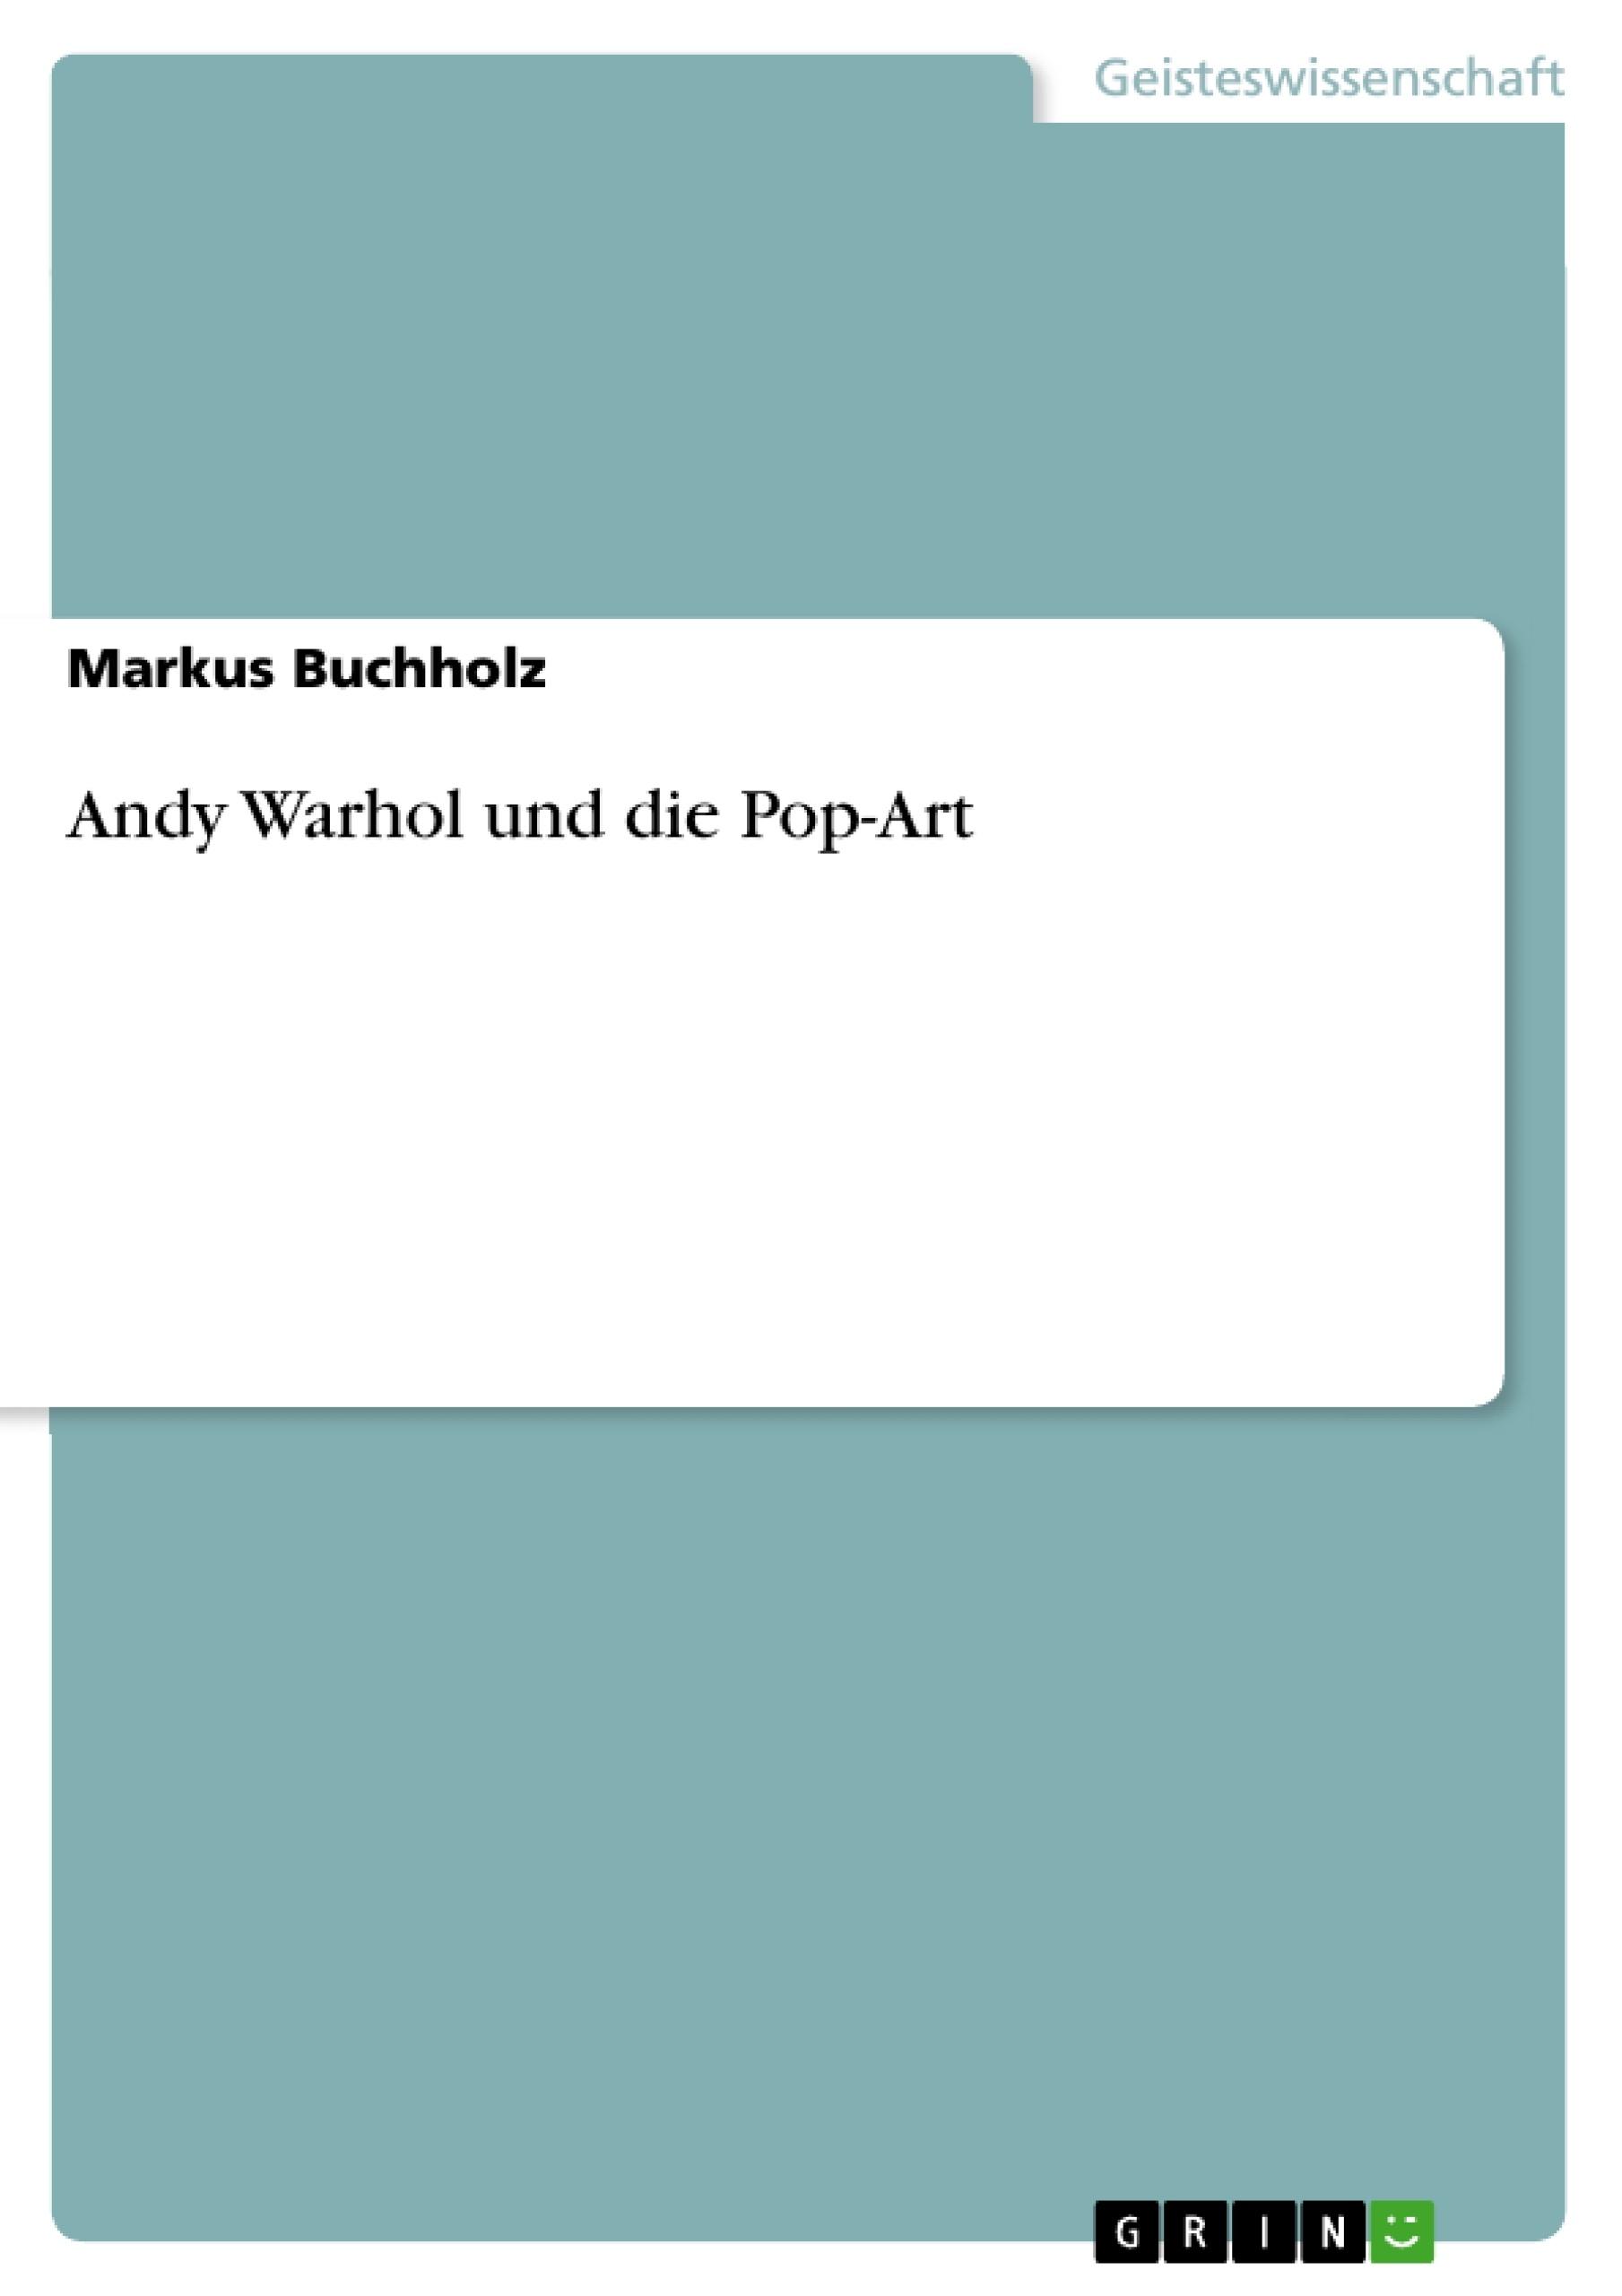 Titel: Andy Warhol und die Pop-Art